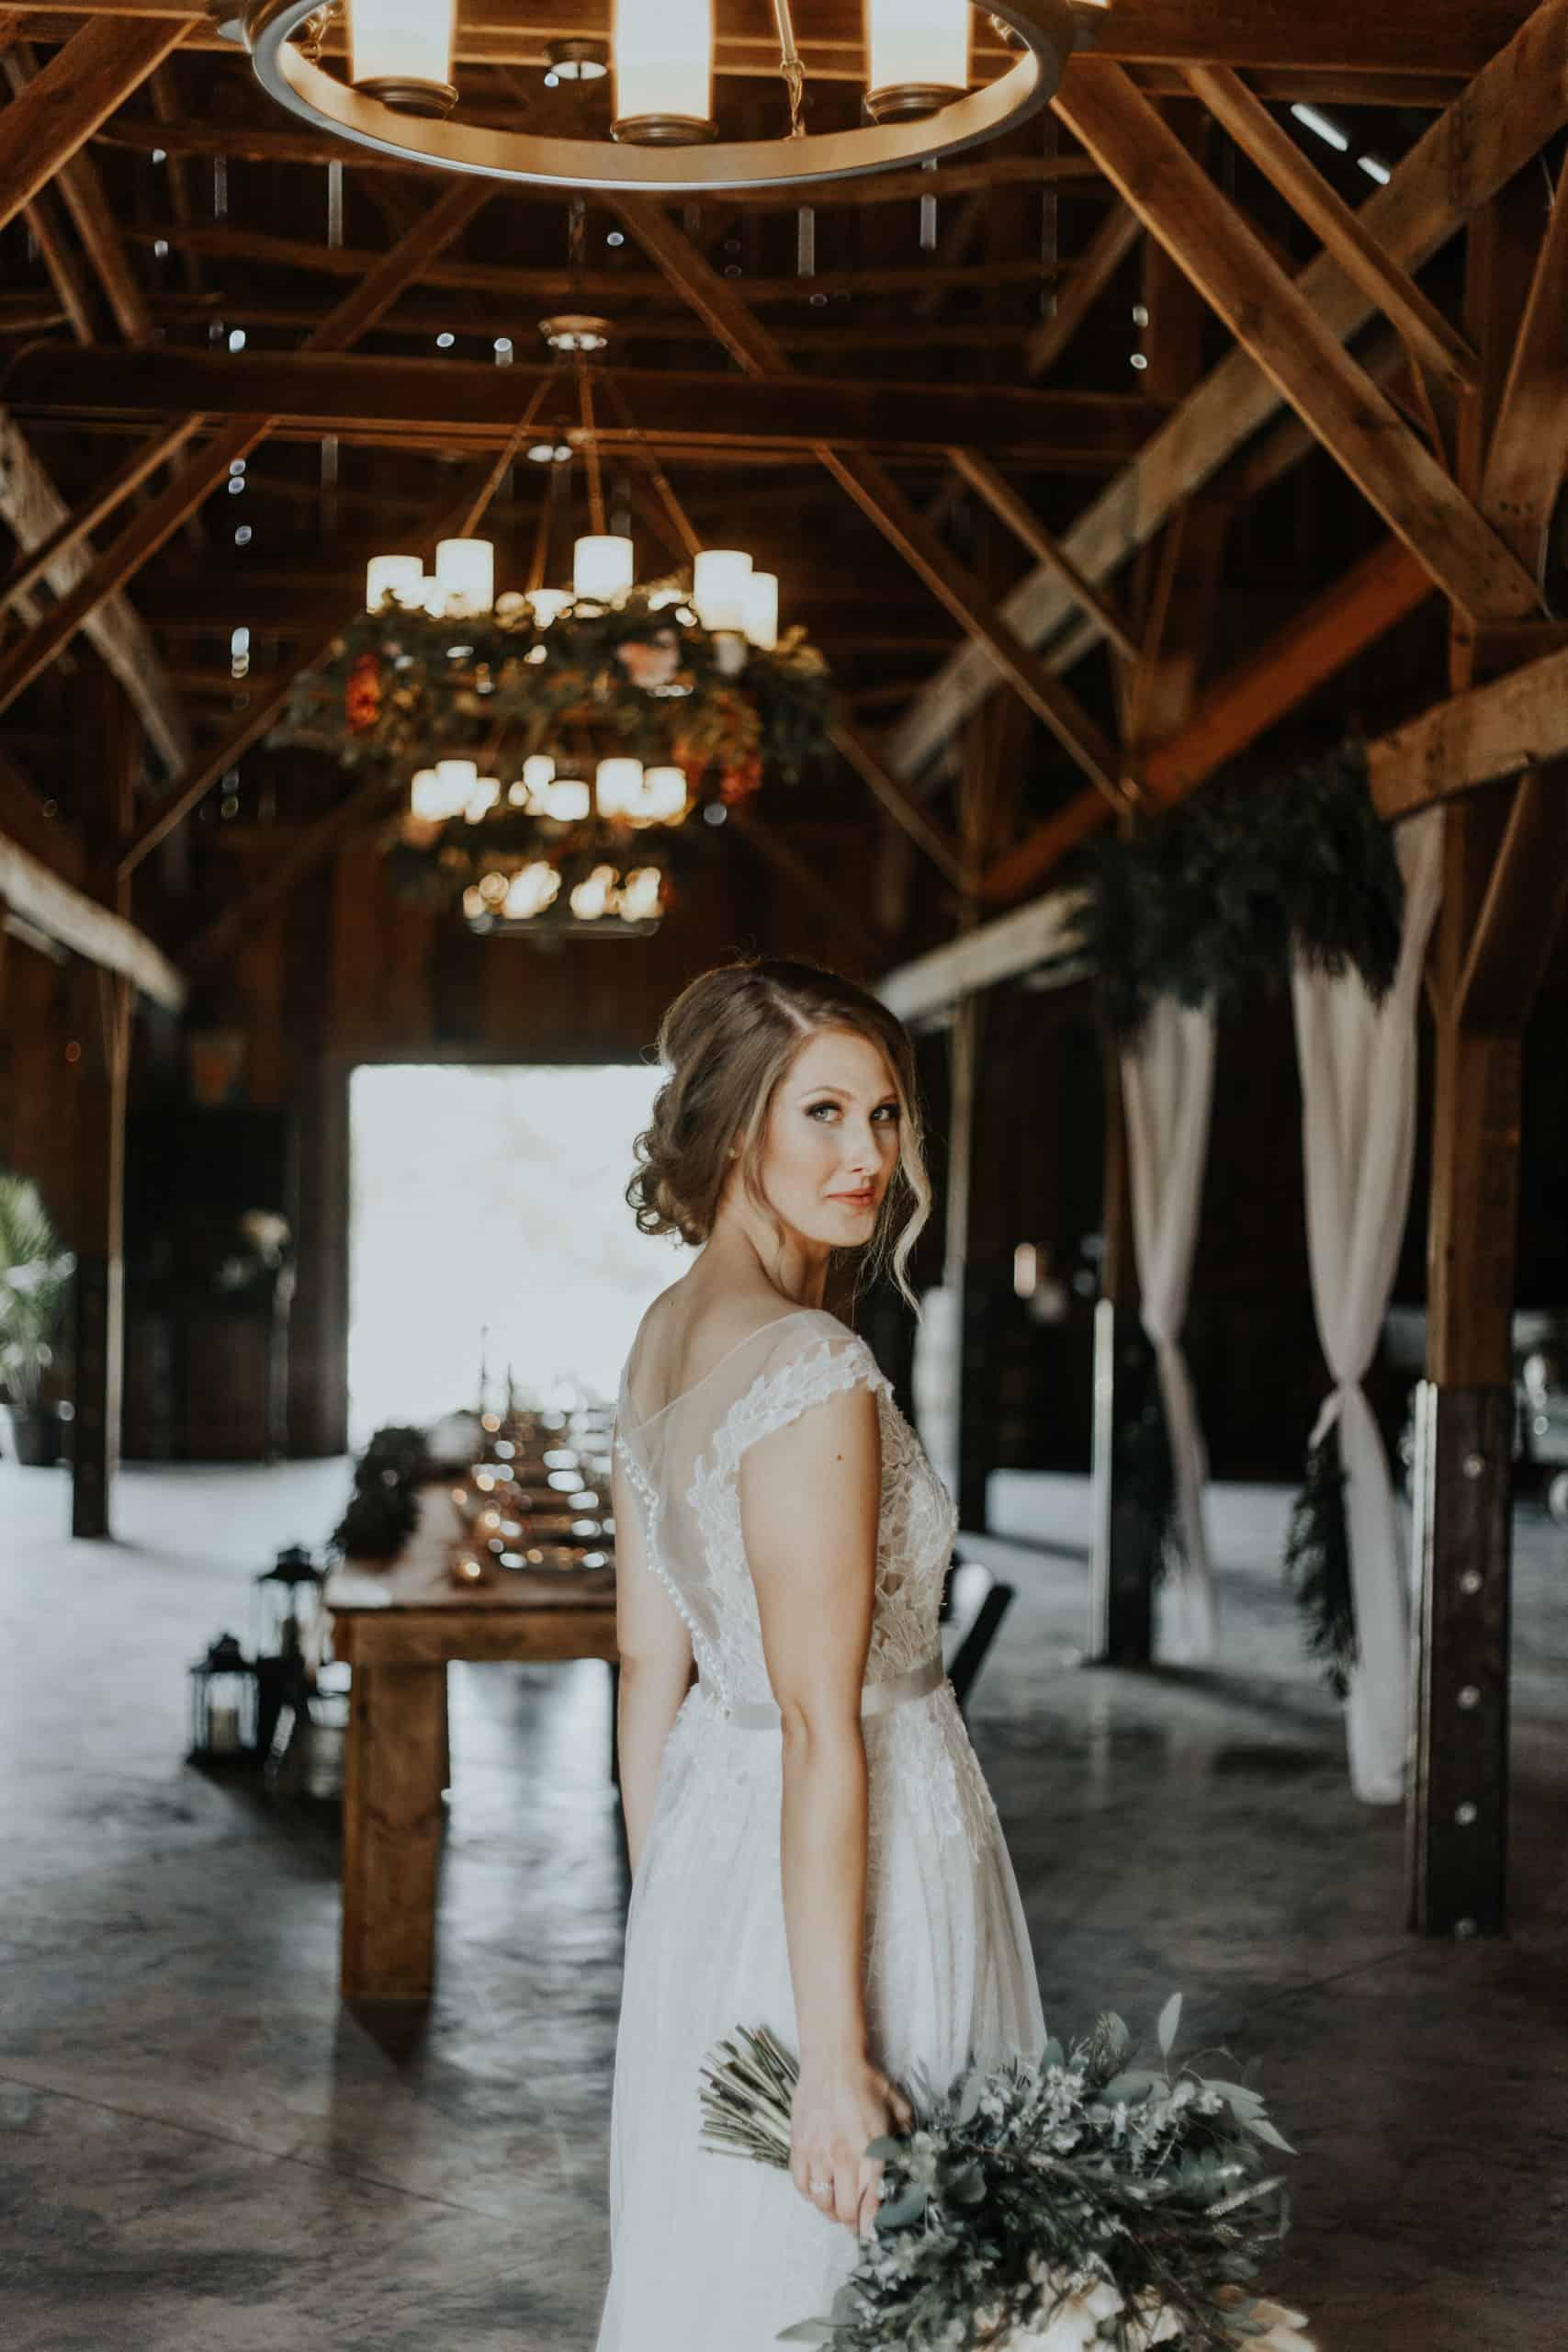 off-the-rack-dress-at-savvy-bridal-worn-at-tobacco-barn-wedding-venue-in-kansas-city